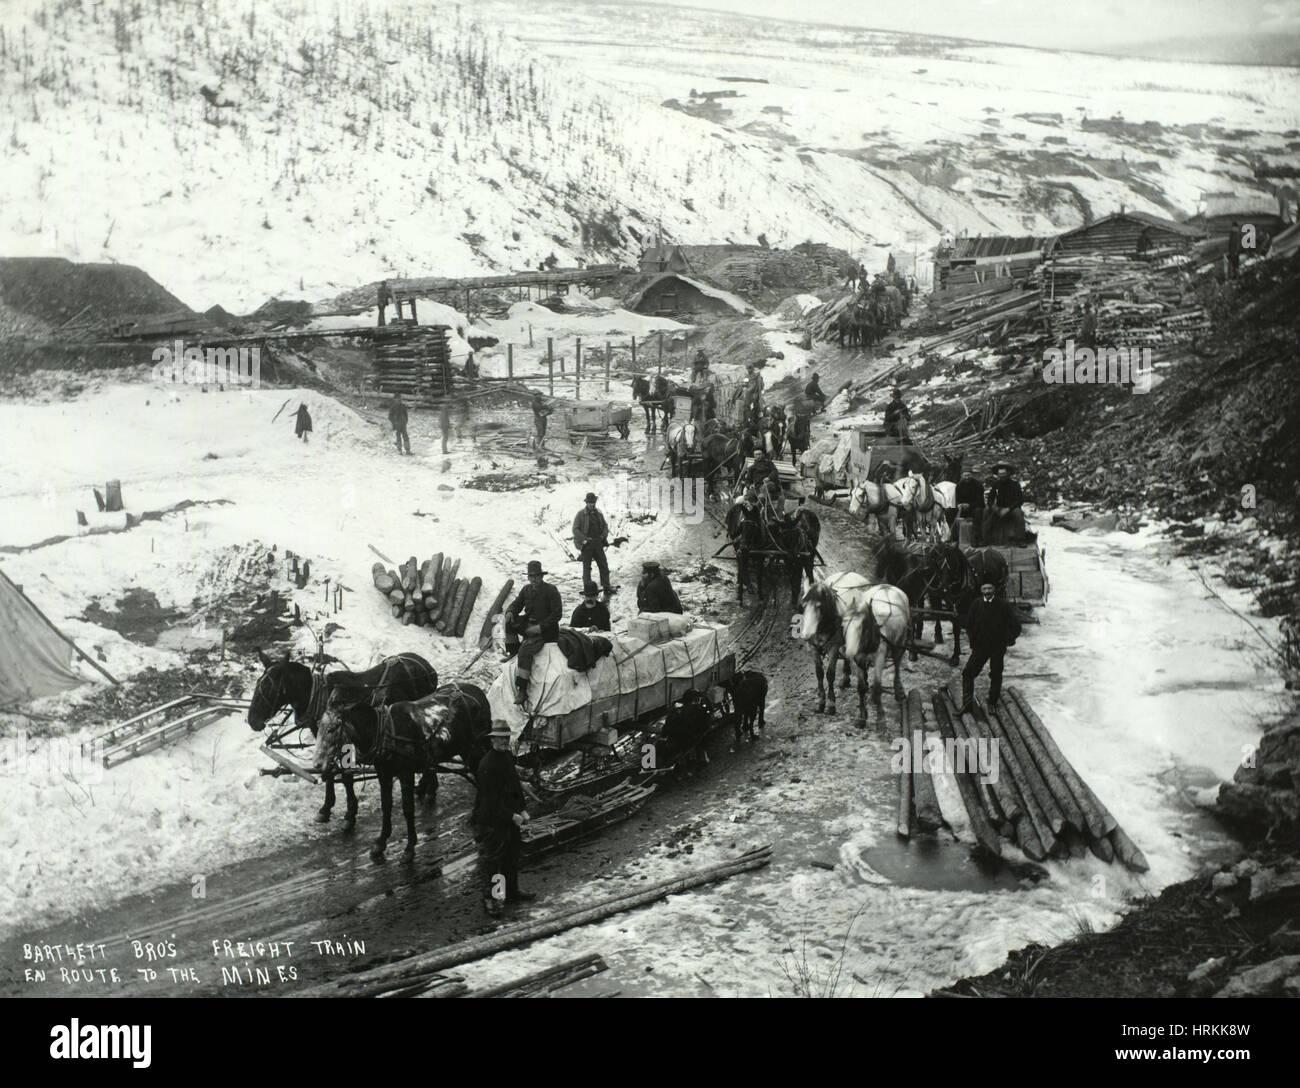 Gold And Silver Mining In Palestine Mail: Klondike-Goldrausch, 1898 Stockfoto, Bild: 135041897